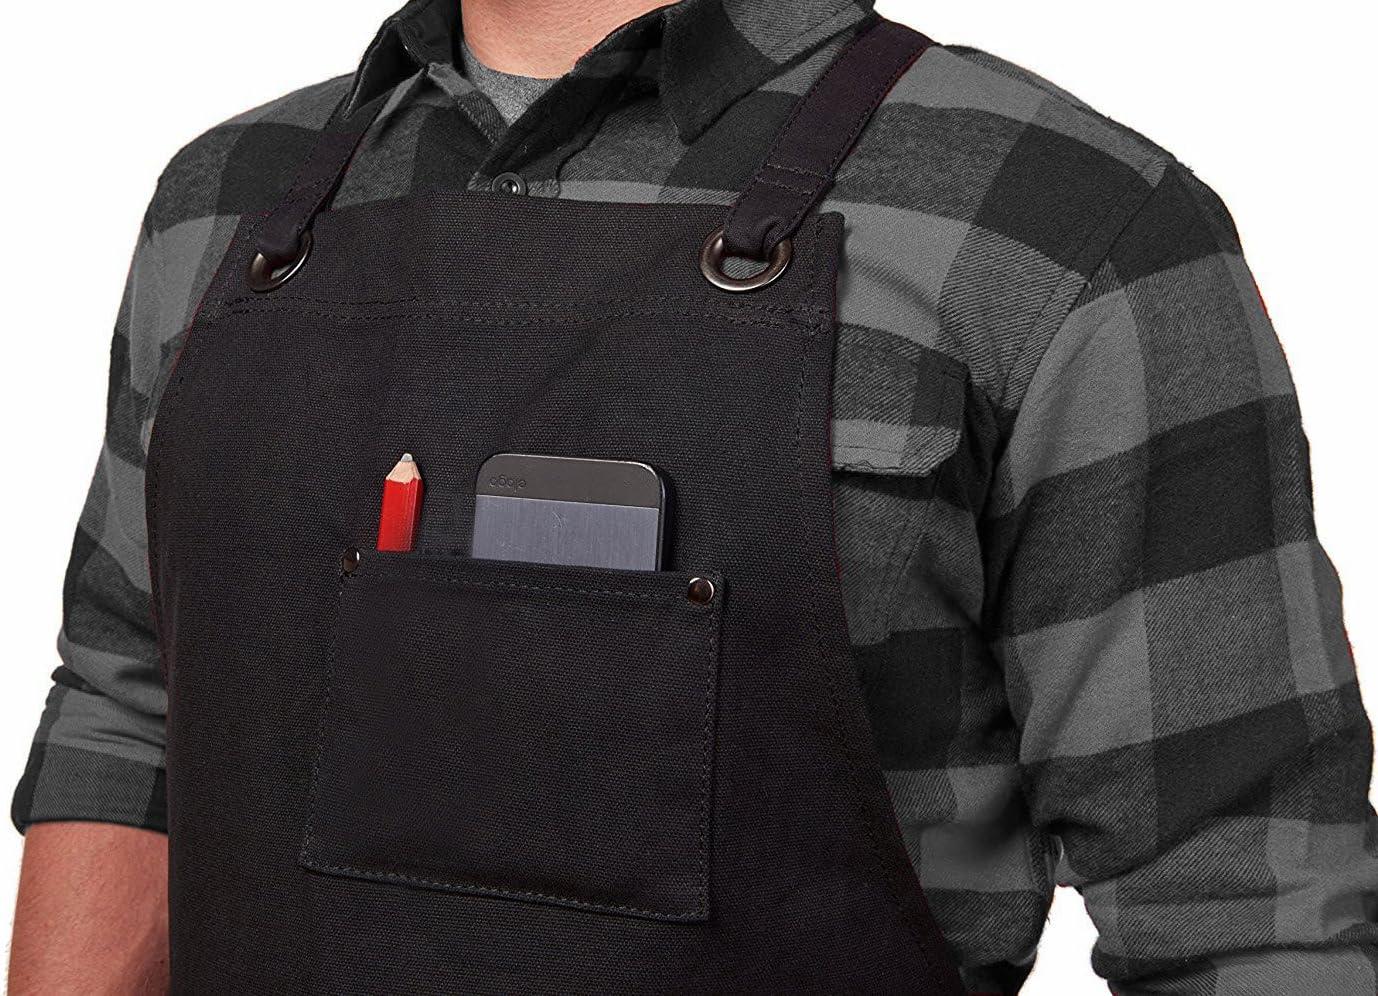 Sch/ürze verstellbar strapazierf/ähig gewachstes Segeltuch Dadidyc Werkzeugsch/ürze mit Taschen Arbeitssch/ürze f/ür M/änner und Frauen OneSize grau